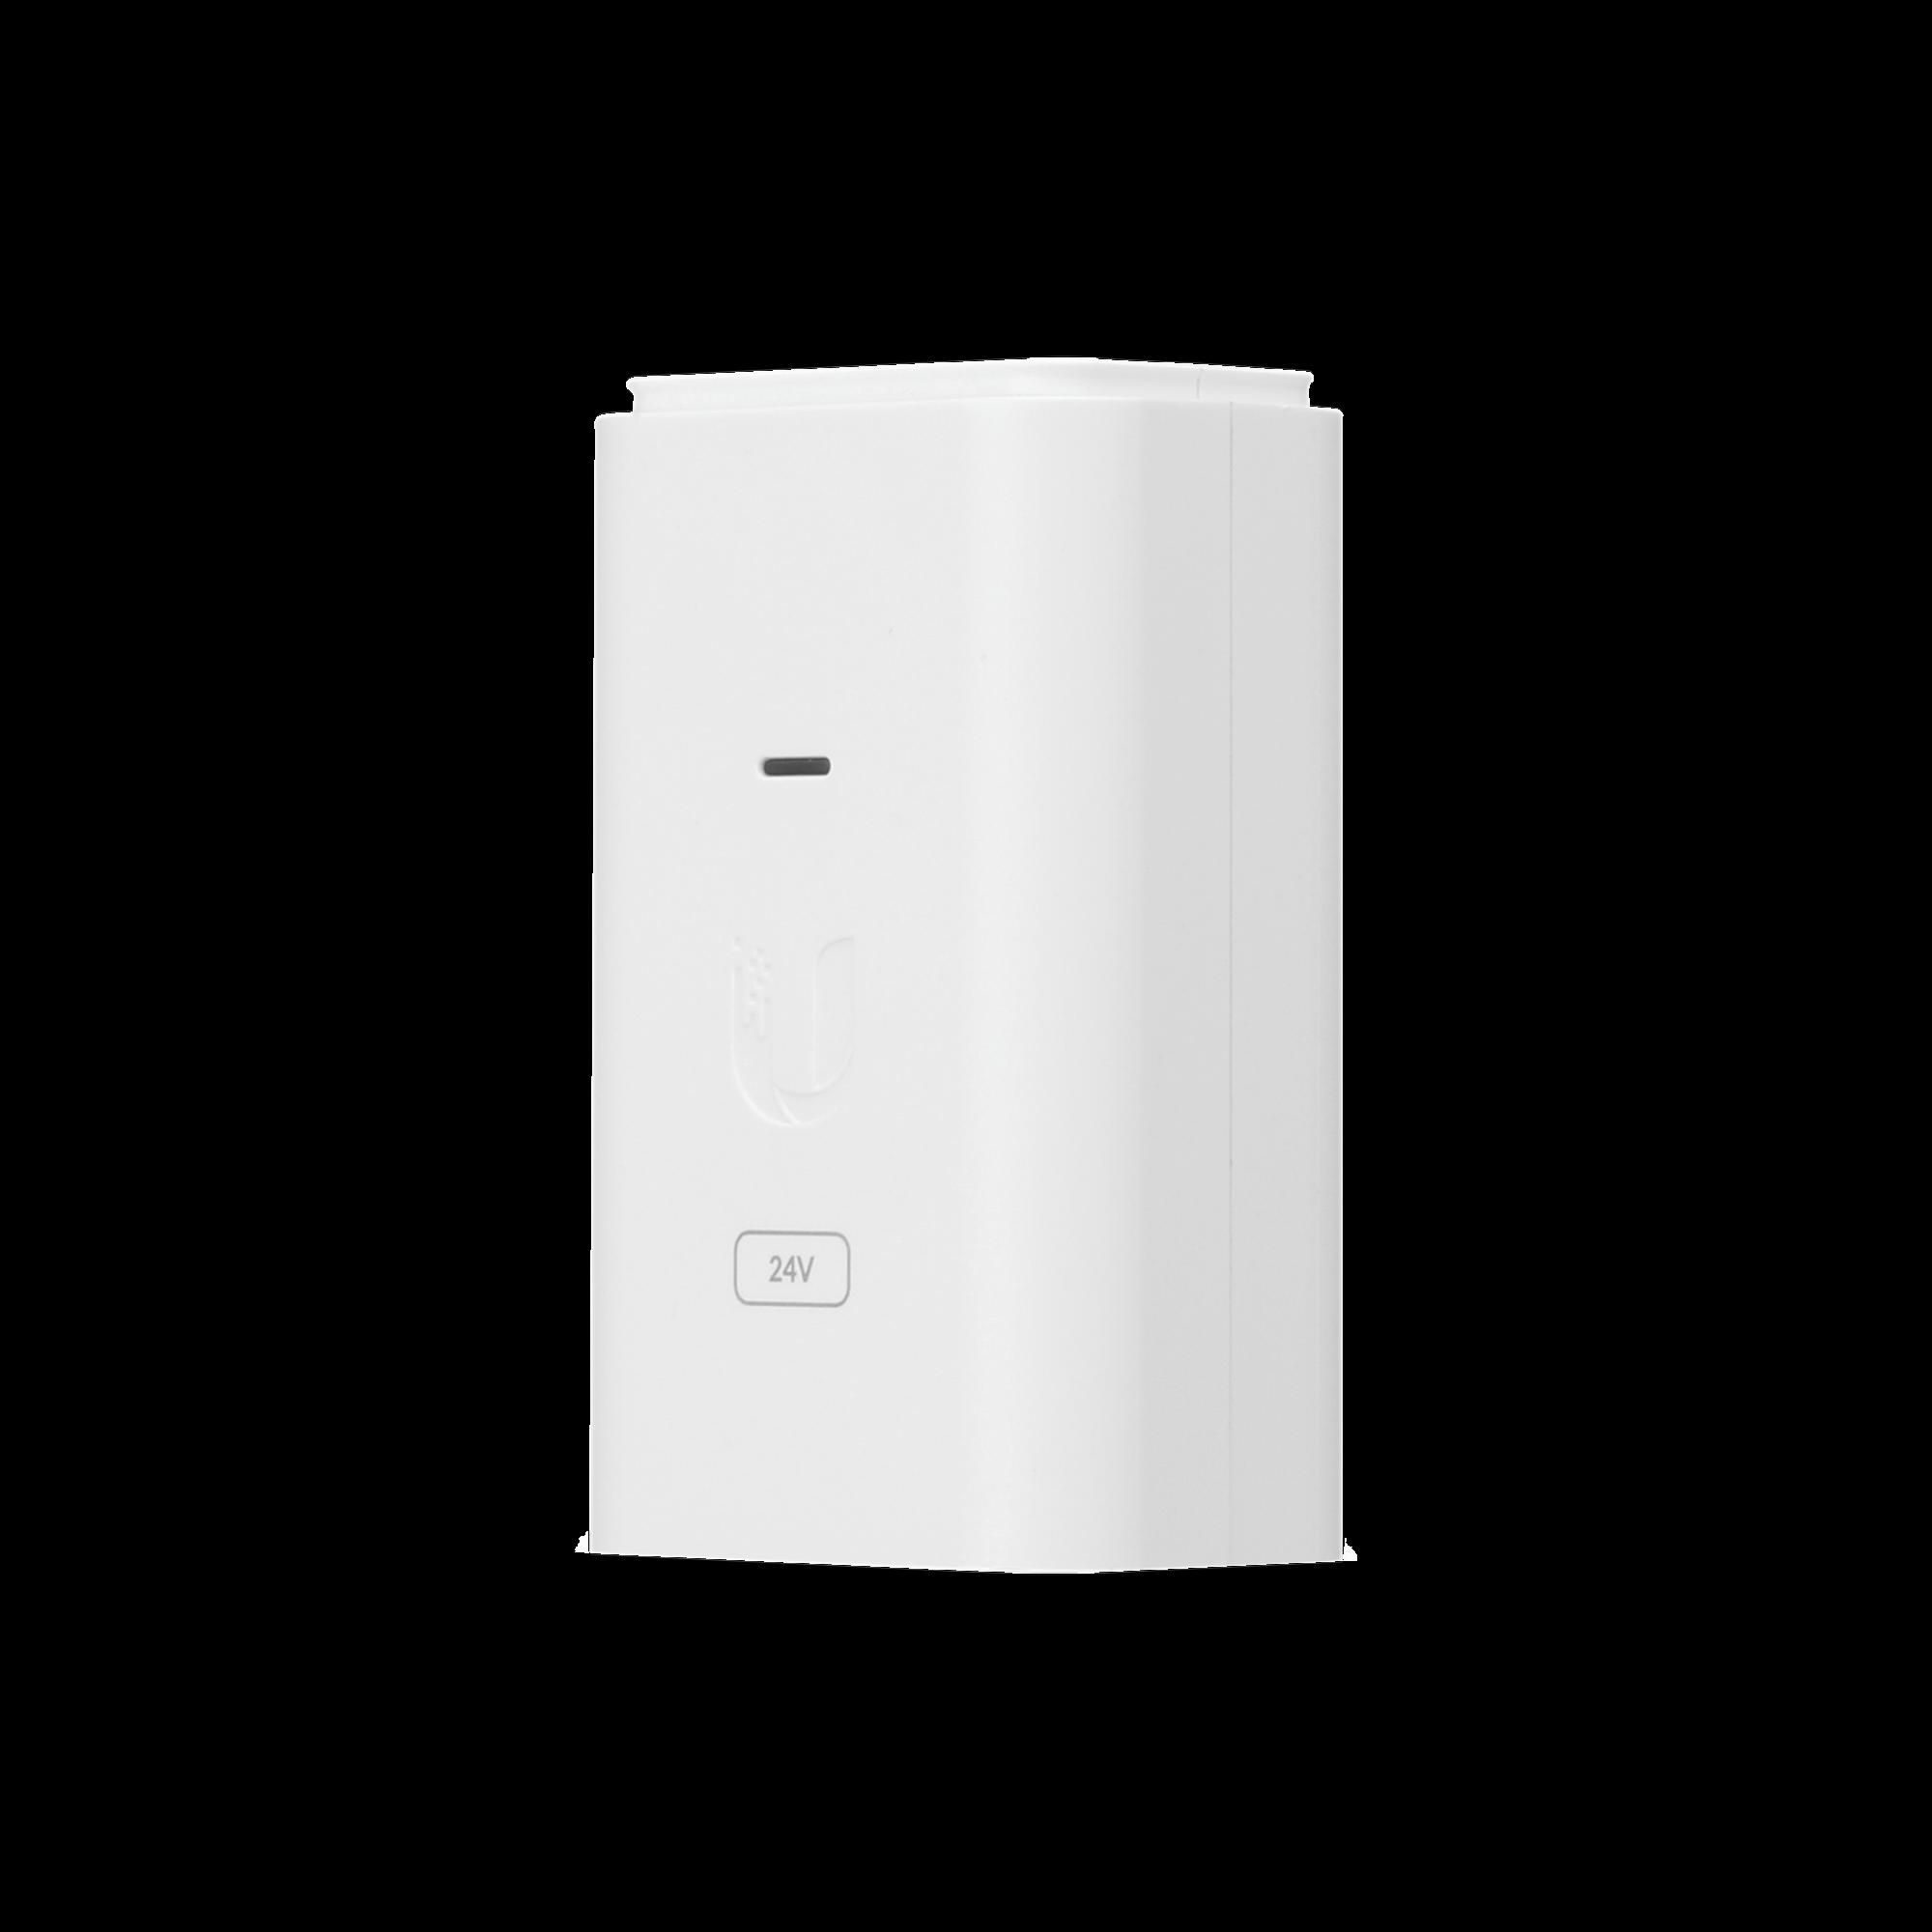 Adaptador PoE Ubiquiti de 24 VDC, 0.3 A